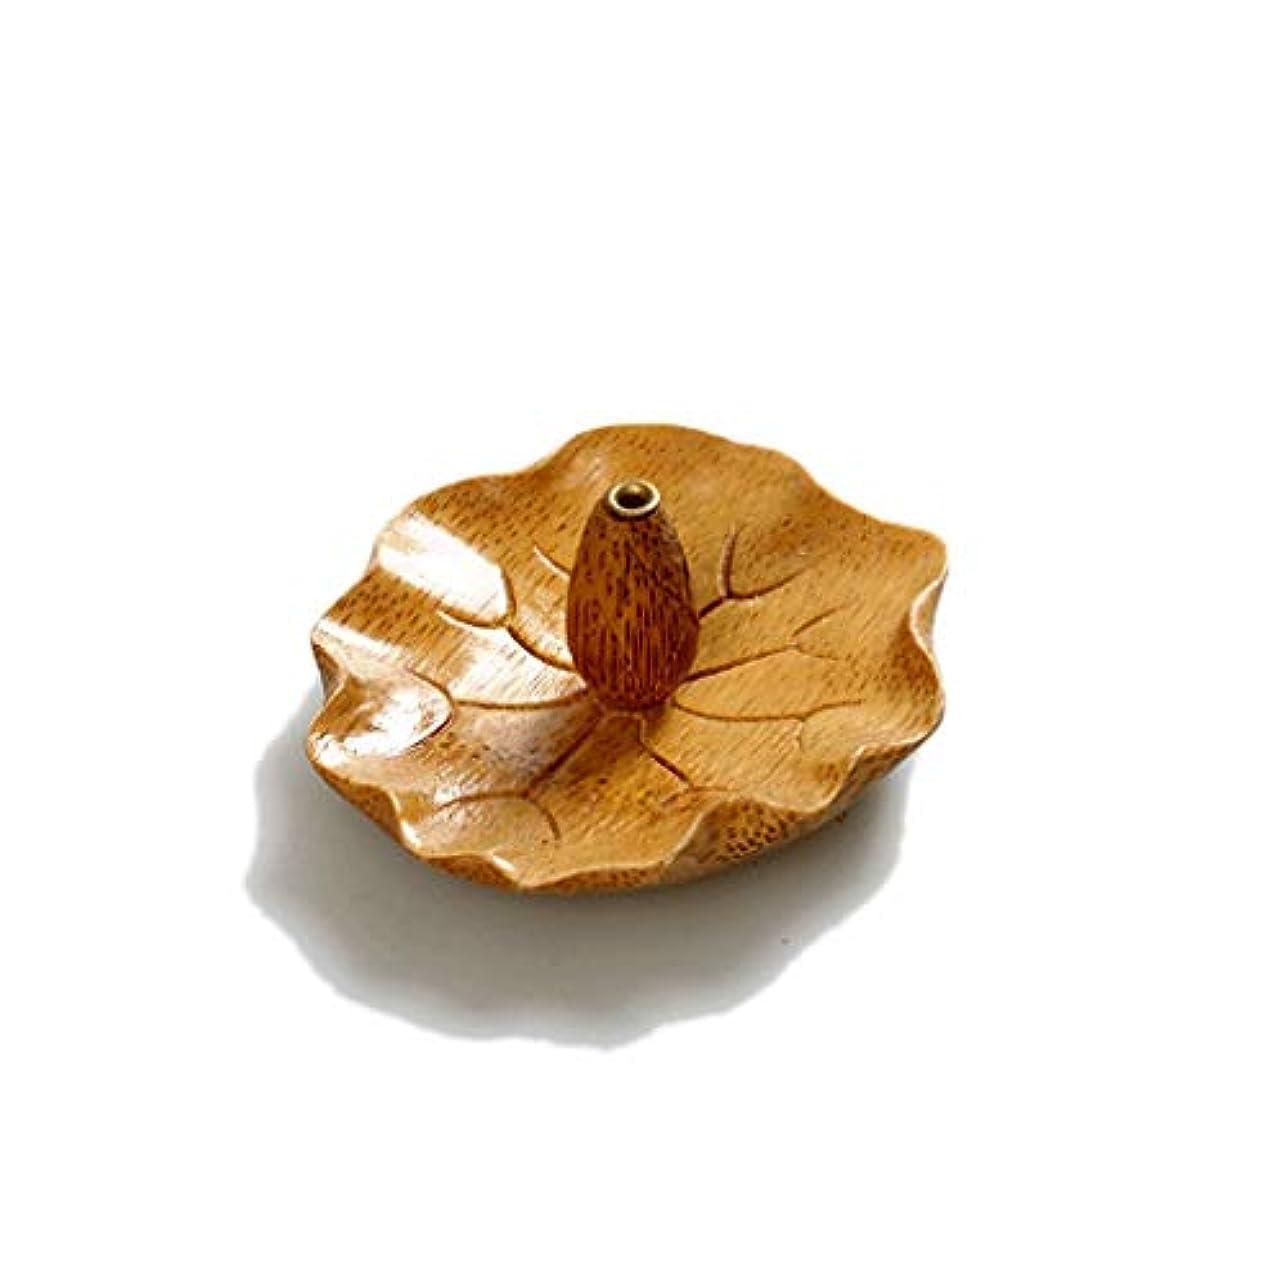 悪魔発生平行クリエイティブ竹香ホルダー瞑想香バーナー手作りの葉形の家の装飾香スティックコーンバーナーホルダー (Color : C)